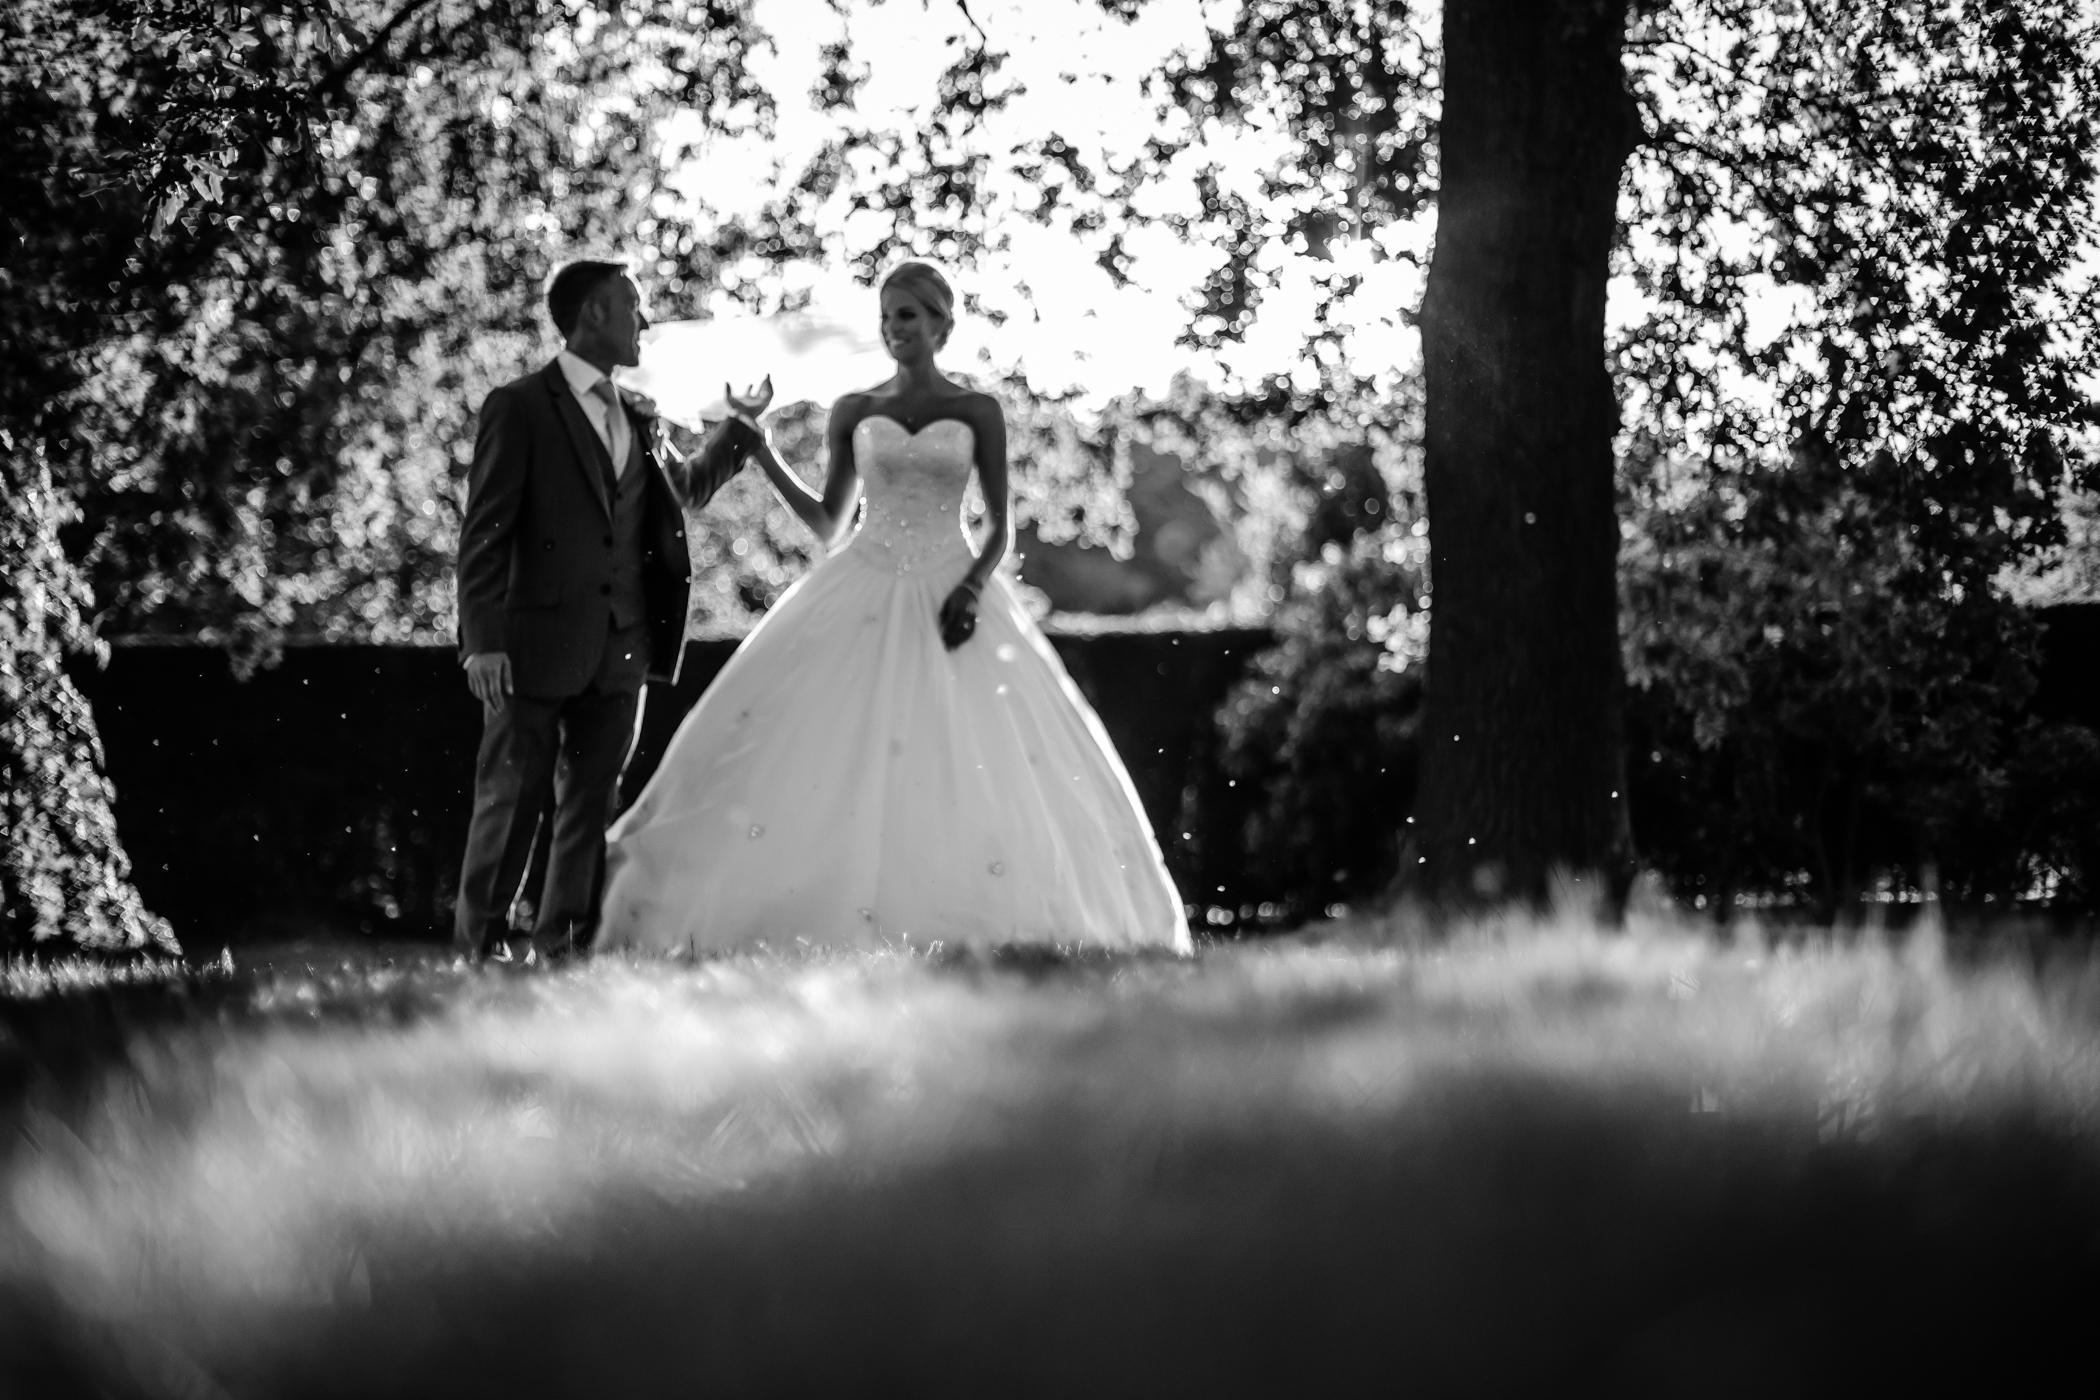 Lisa & Neil - Sansom Photography Harewood House Yorkshire Wedding Photography-46